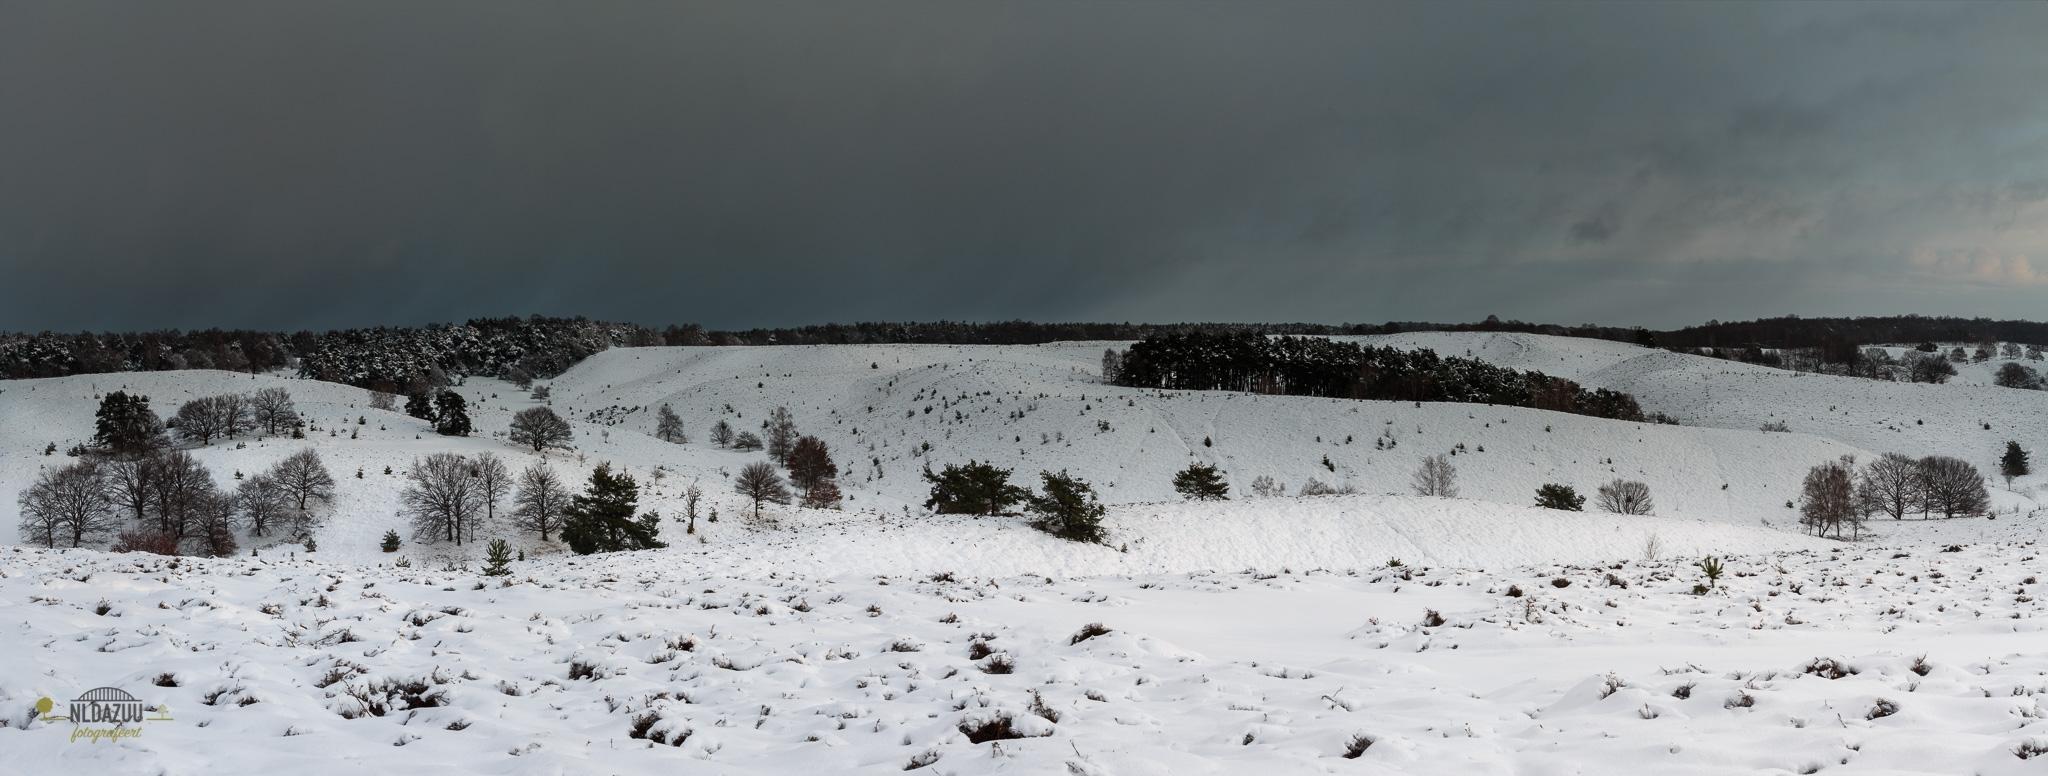 Winter panorama van de Posbank met op de achtergrond een winterse bui